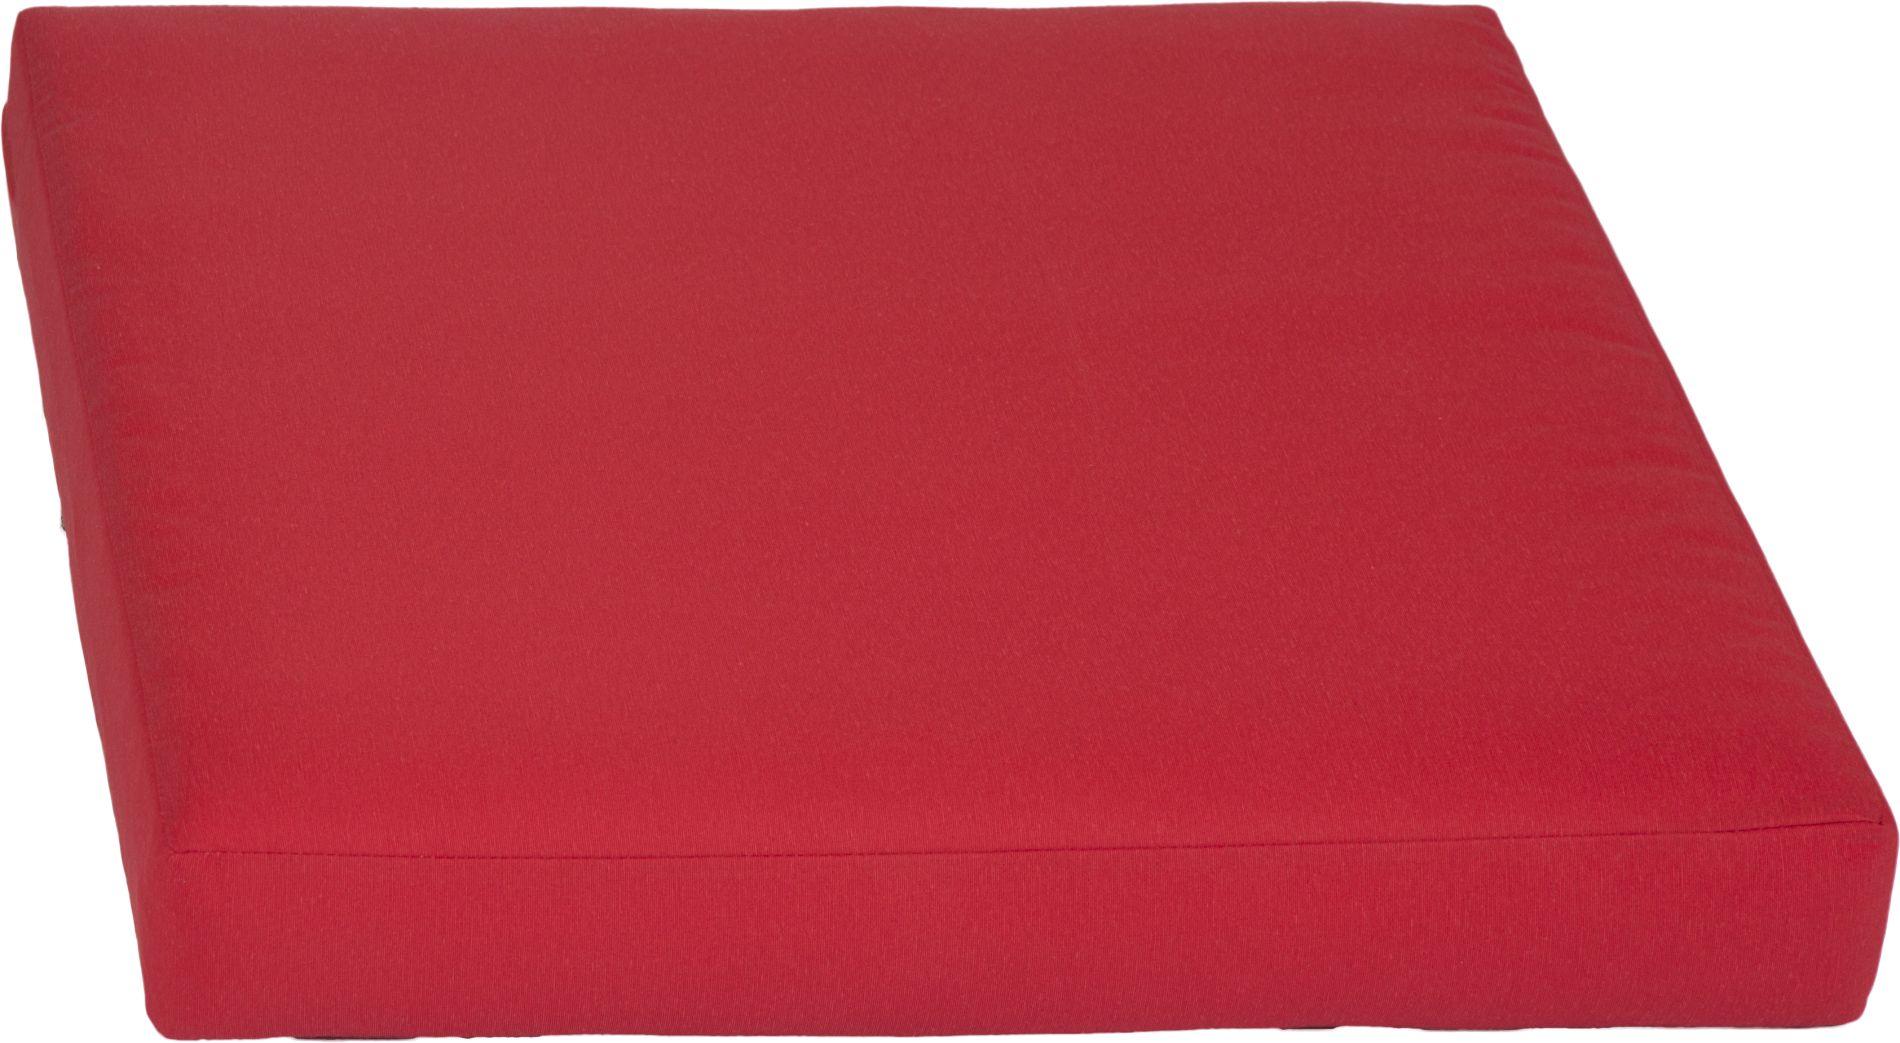 acamp Weekend Sitzkissen für Basiselement rot 70 x 70 x 8 cm